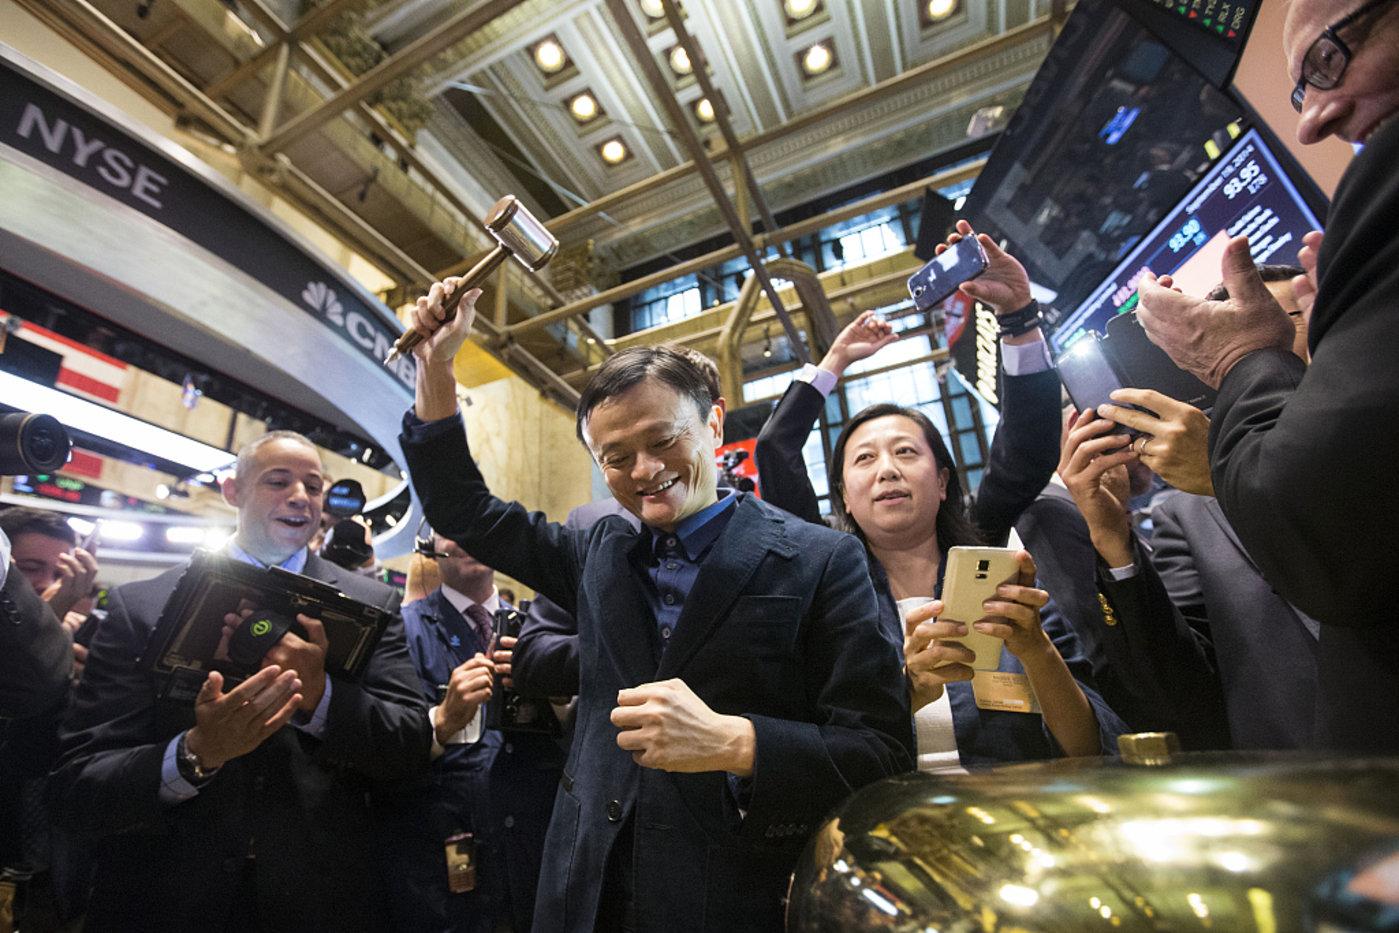 2014年9月19日,阿里巴巴集团于纽约证券交易所正式挂牌上市。图片来源@视觉中国